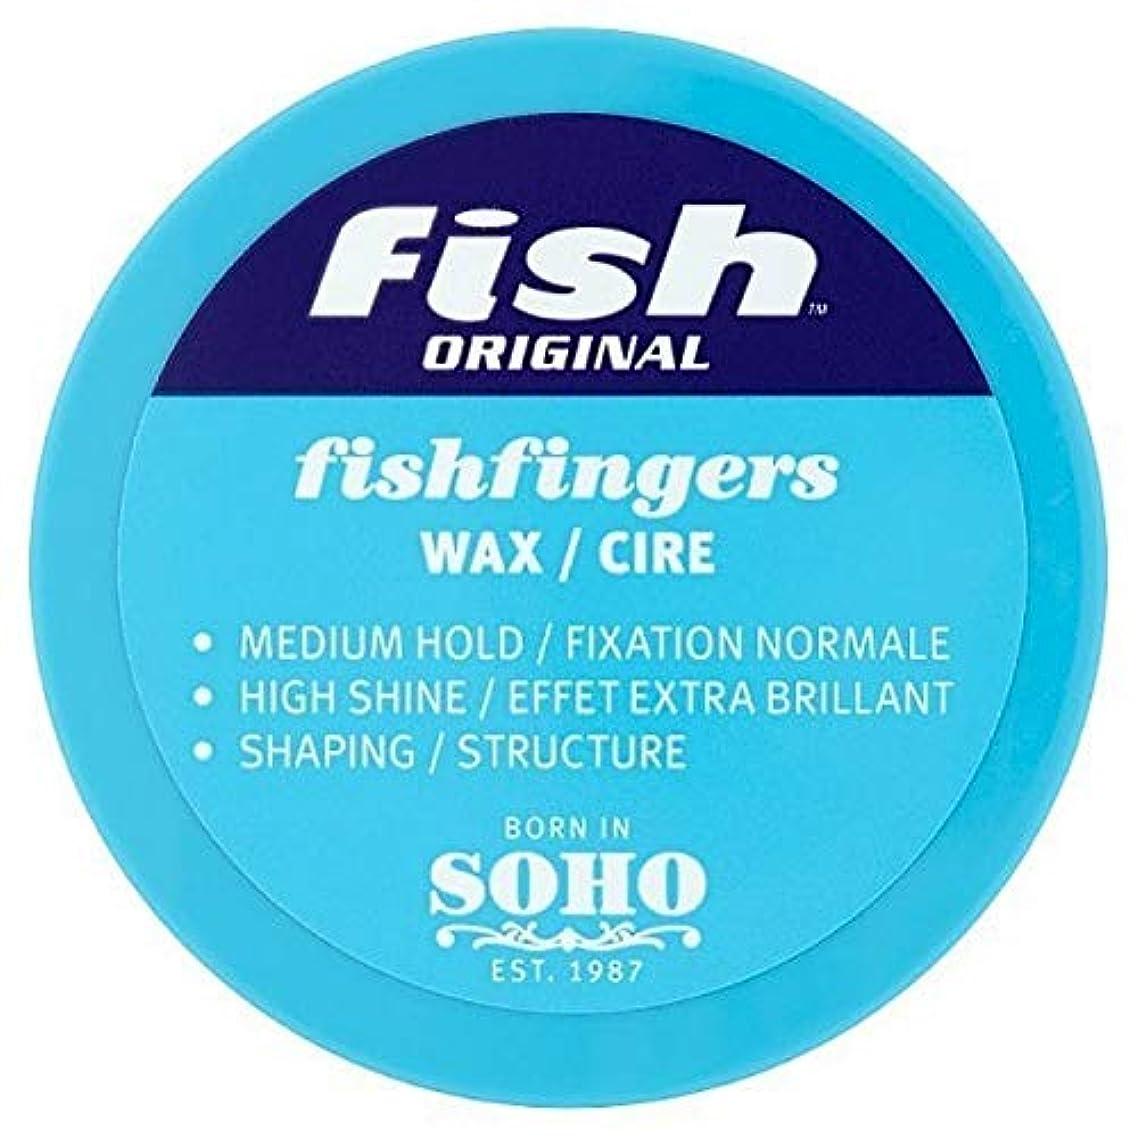 硬化するランチ徹底的に[Fish Soho] ワックス100ミリリットルを定義する魚本来のFishfingers形状 - Fish Original Fishfingers Shape Defining Wax 100ml [並行輸入品]